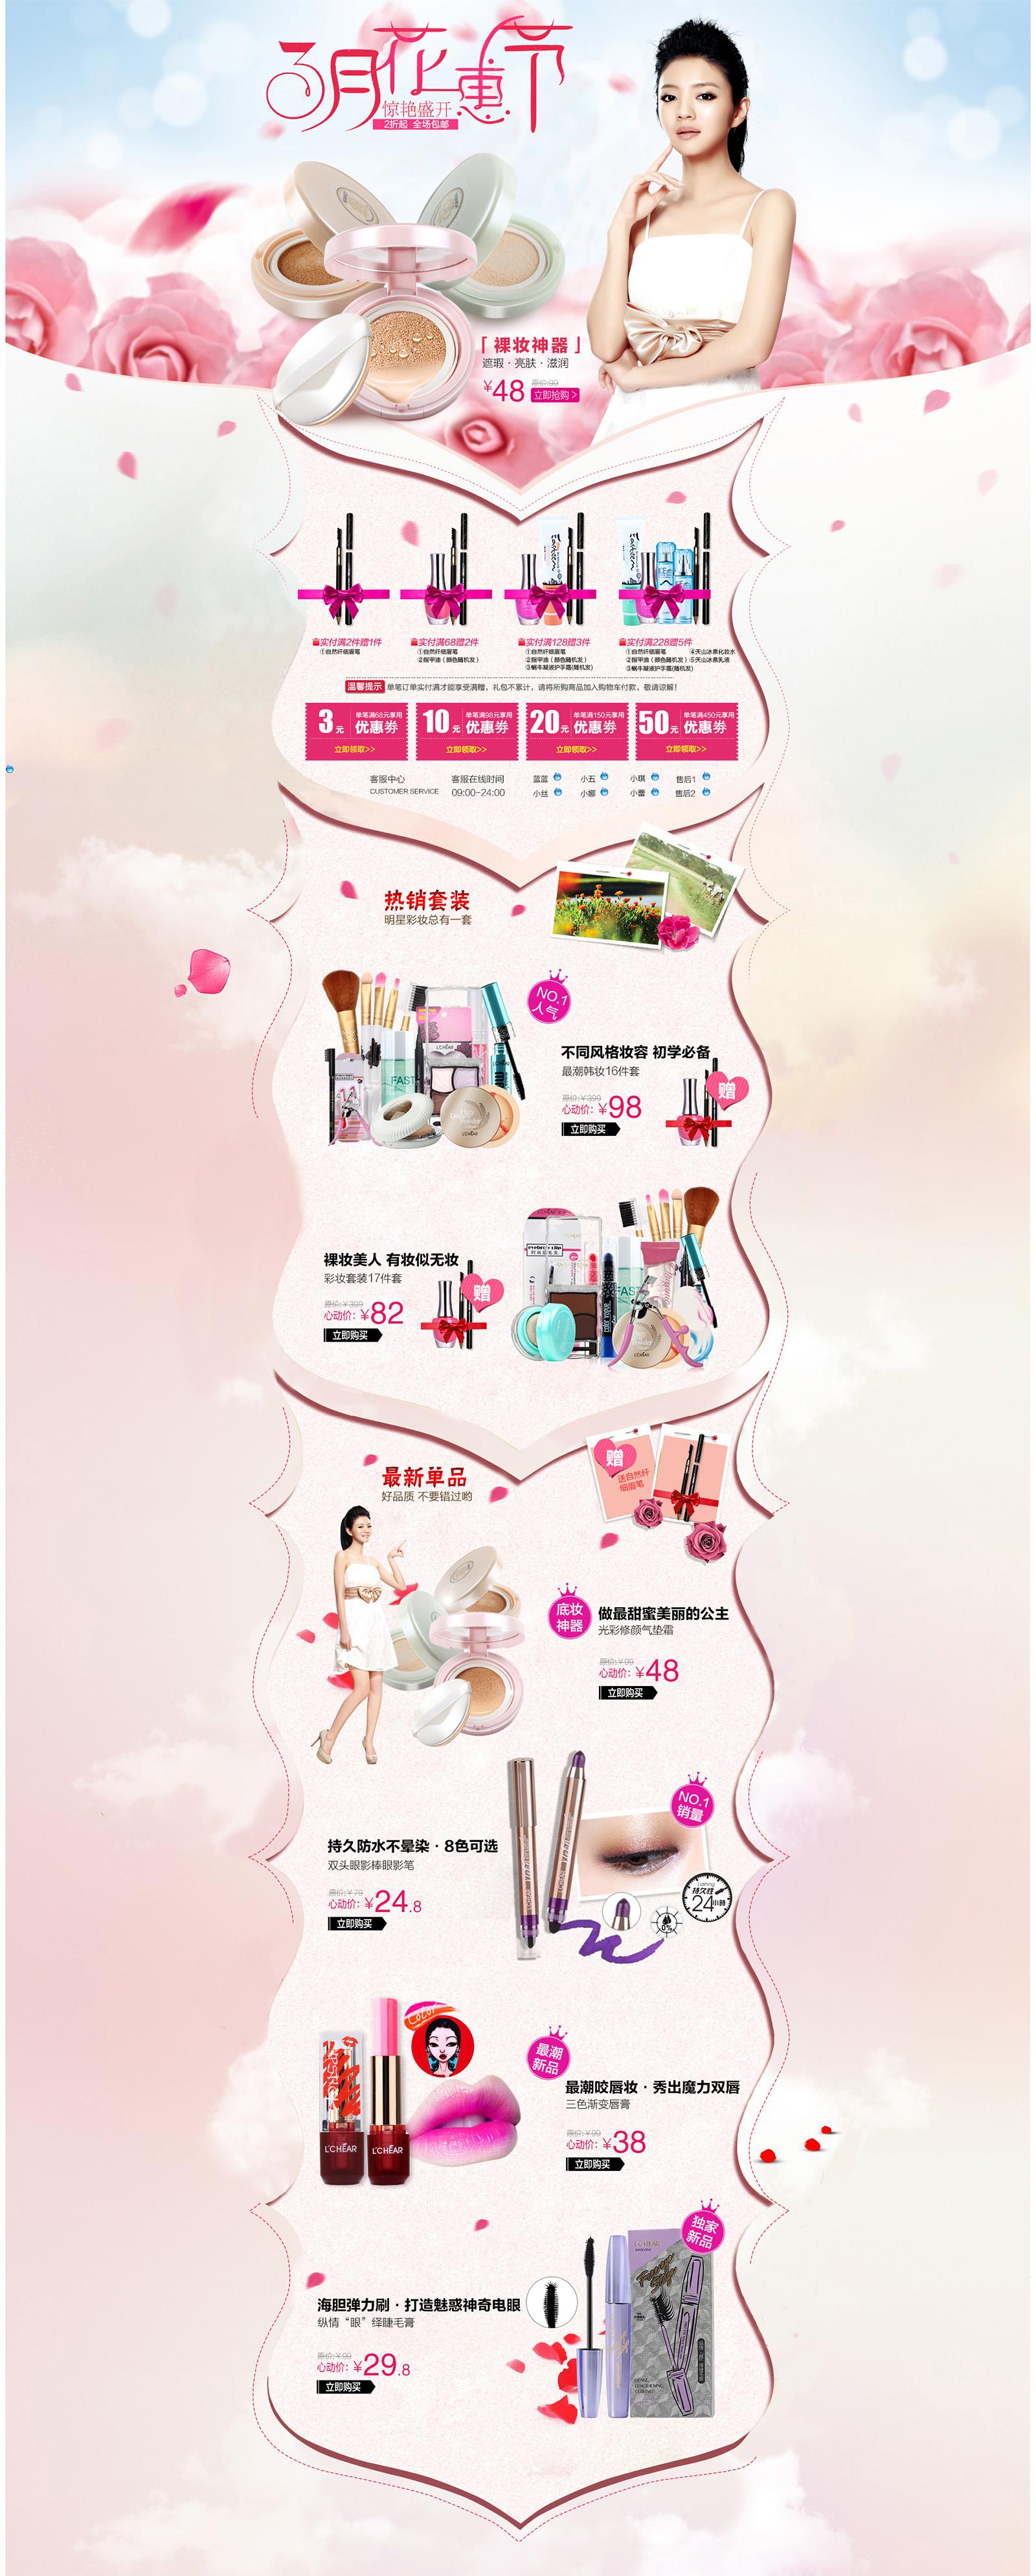 蕾琪化妆品旗舰店 38女人节